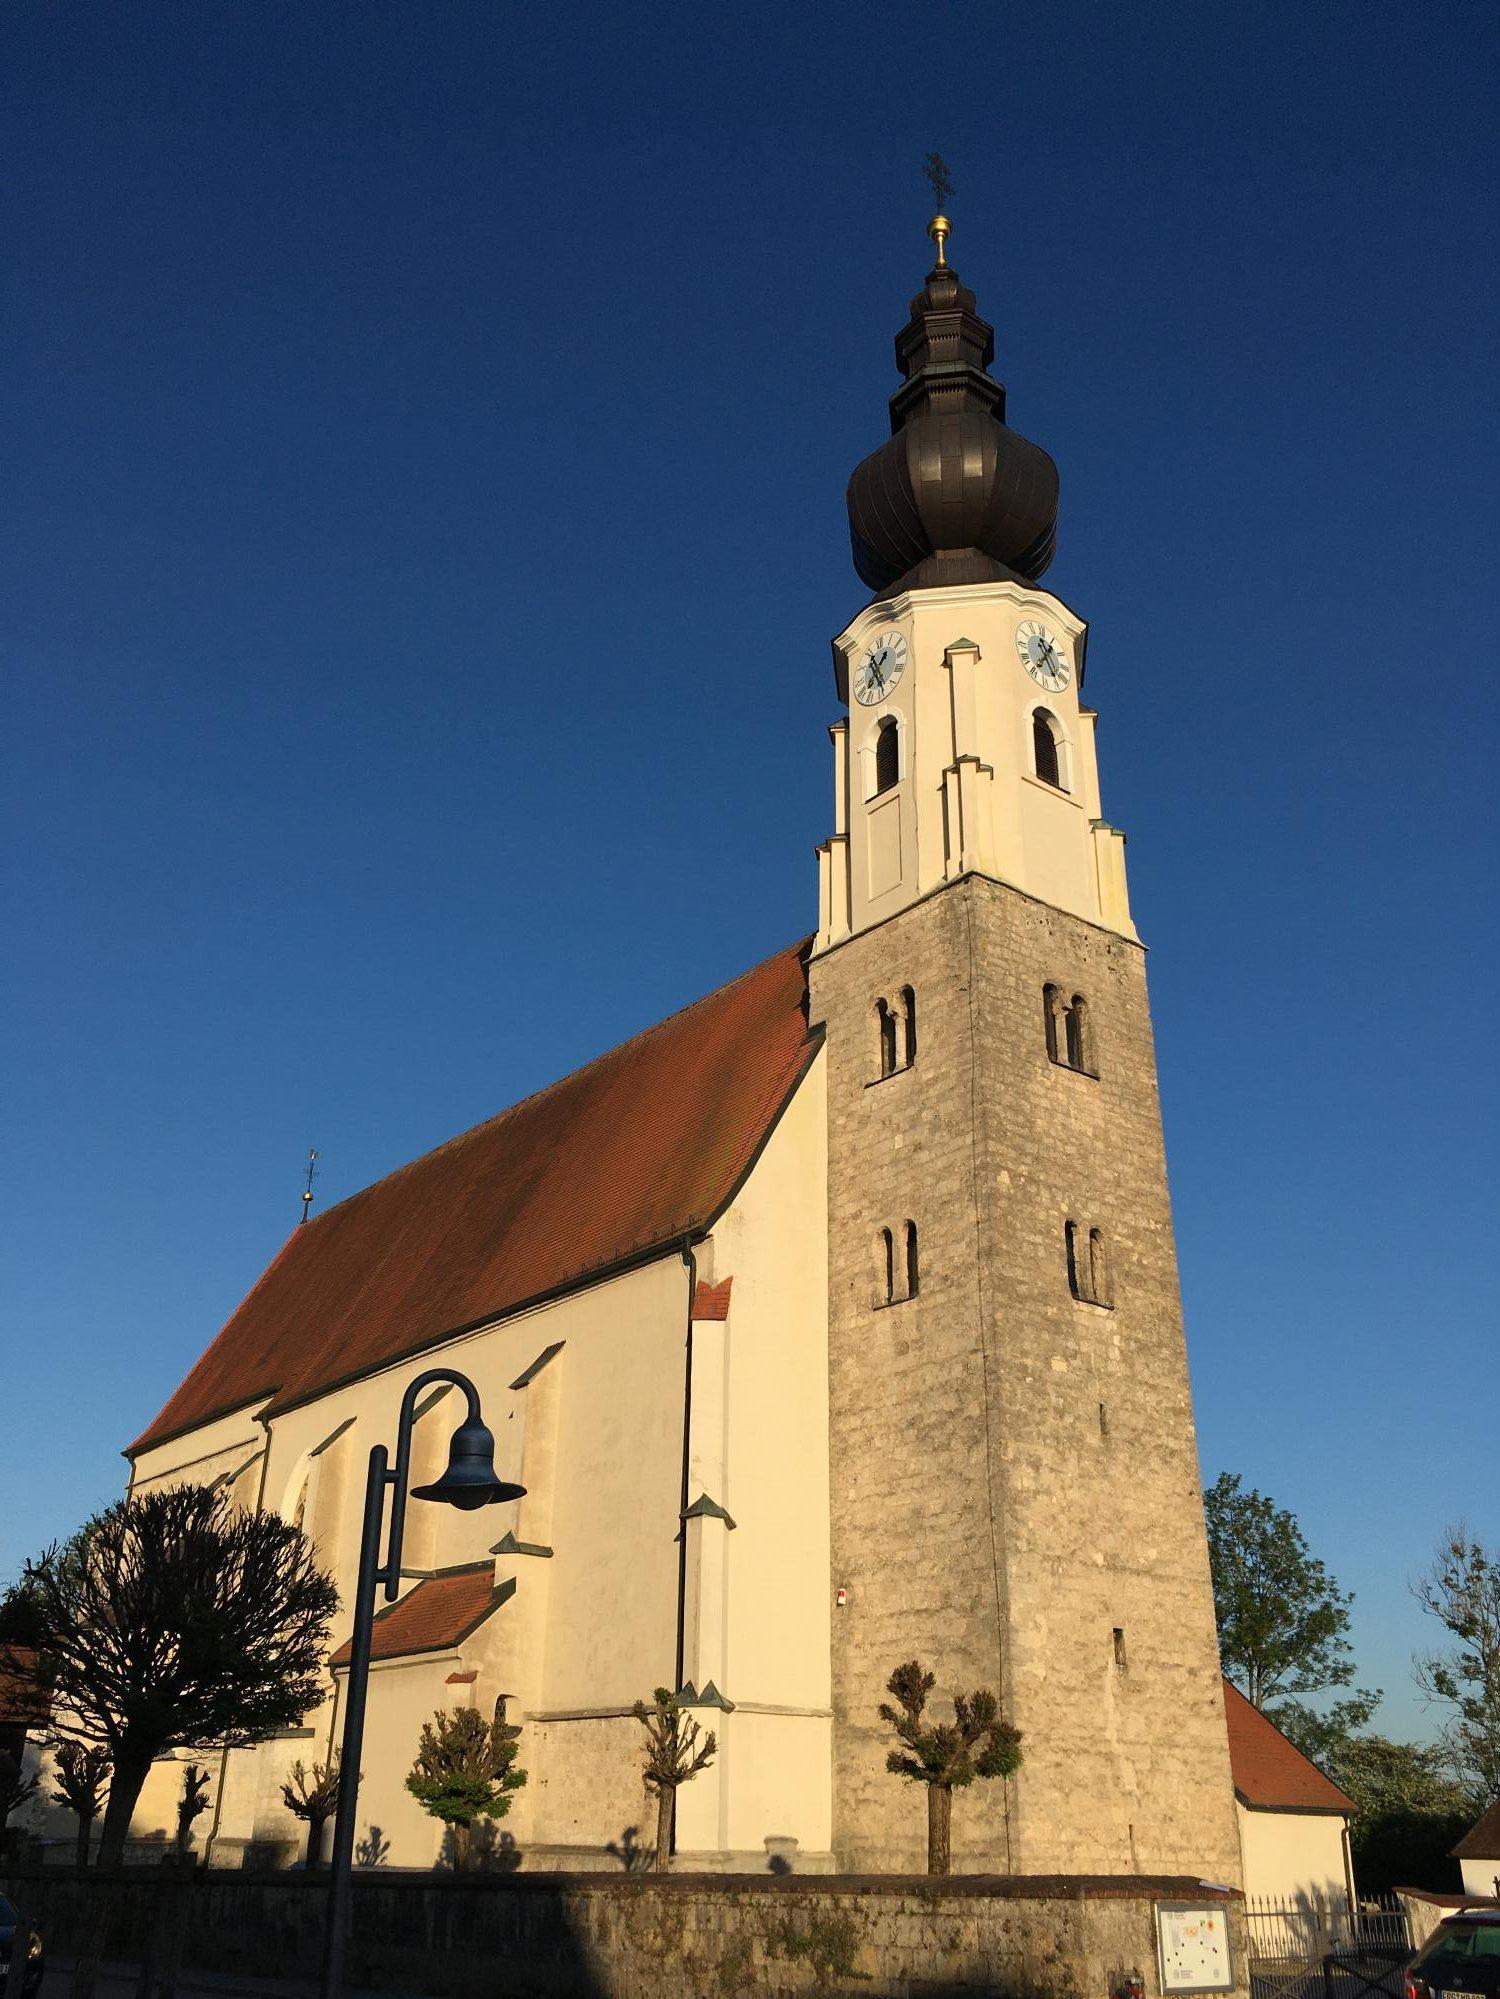 Erlach Kirche aussen Turm